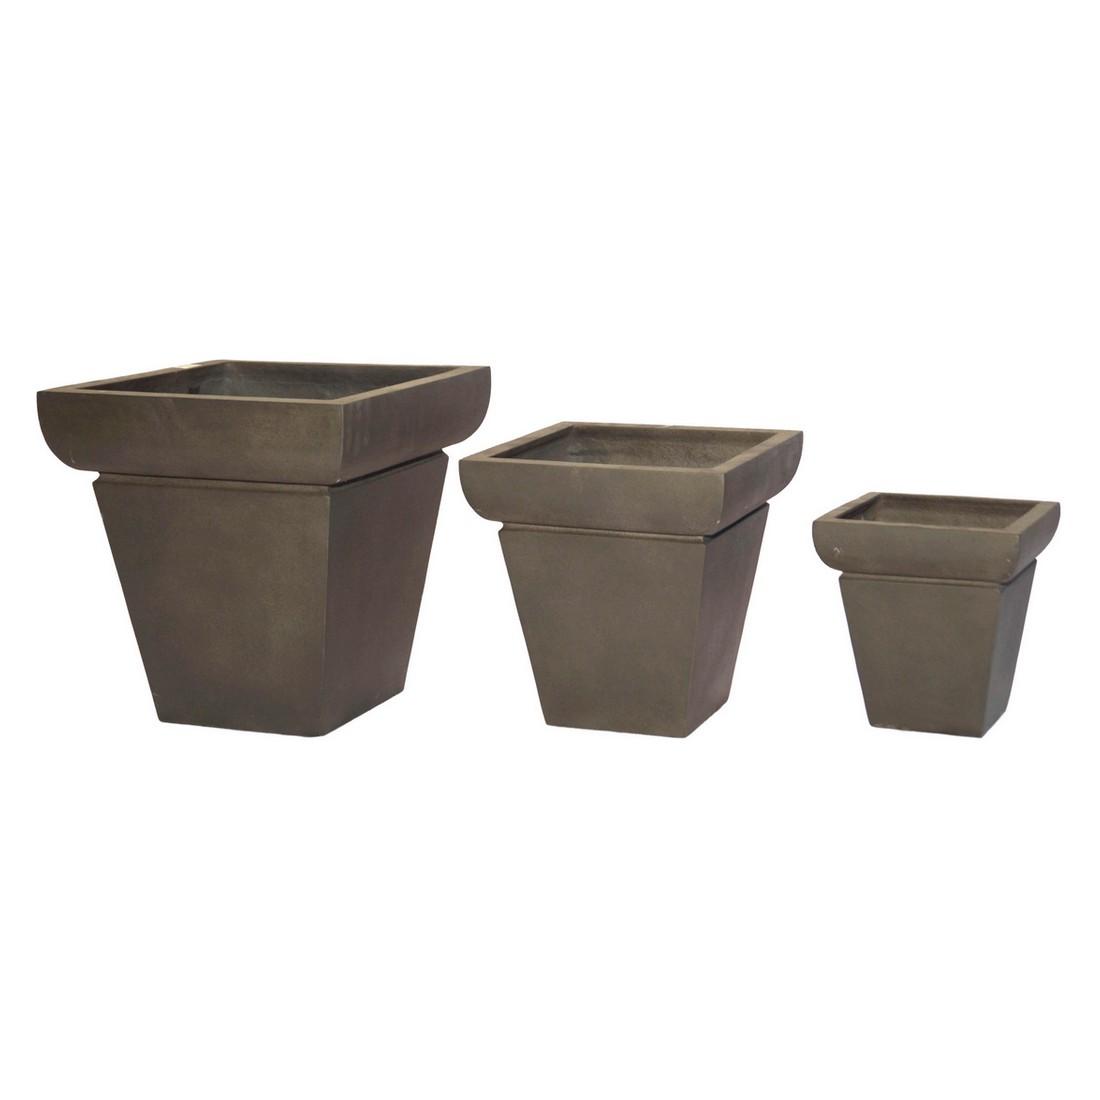 Pflanzkübel Espresso – Kunststoff – Desgin Eckig Mittel – Höhe: 48 cm Breit: 55 cm (einzeln), Viducci's Garden bestellen